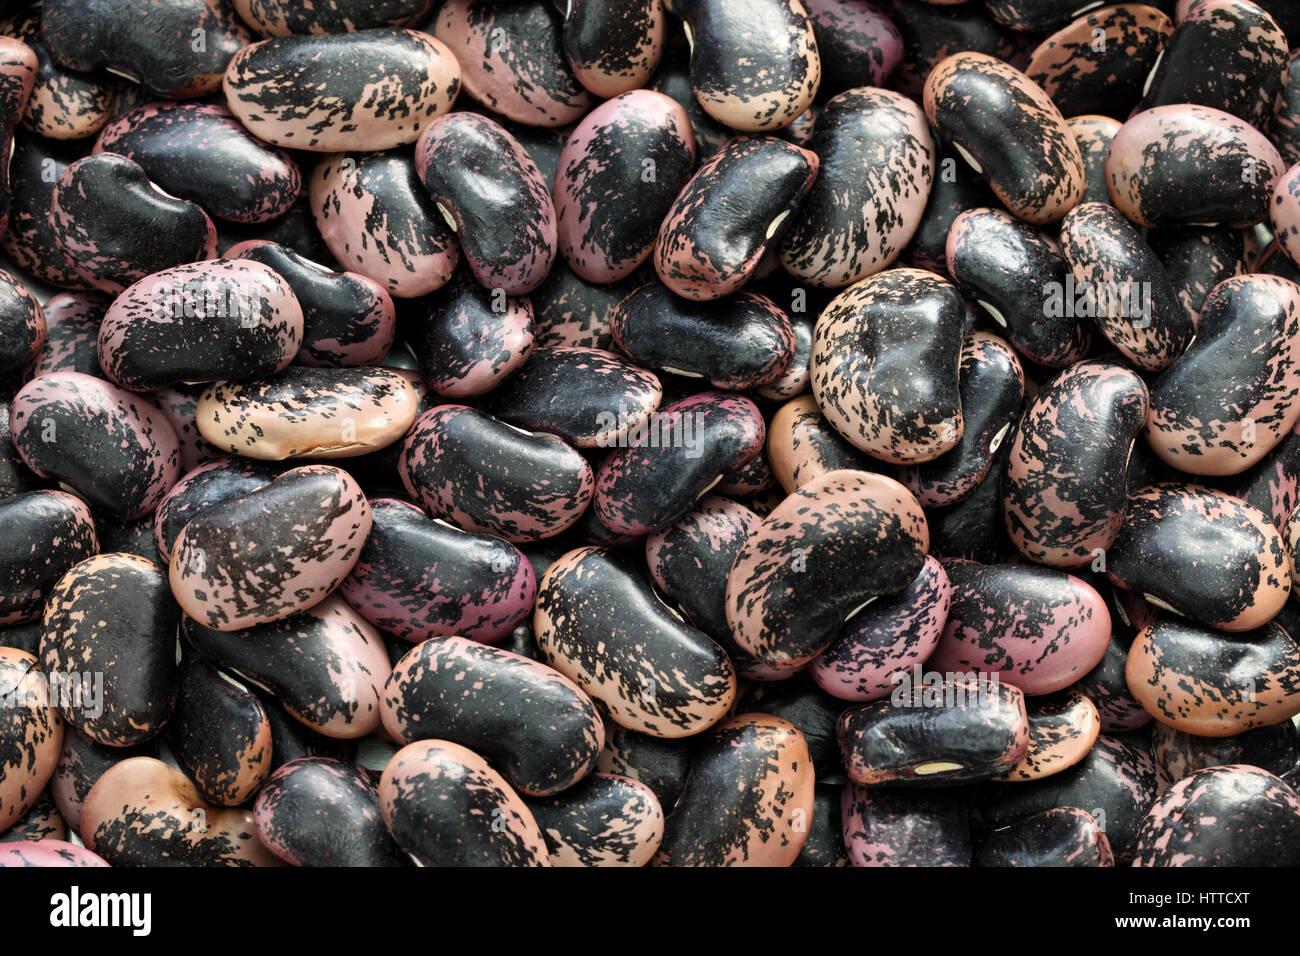 runner beans stock photos  runner beans stock images  alamy